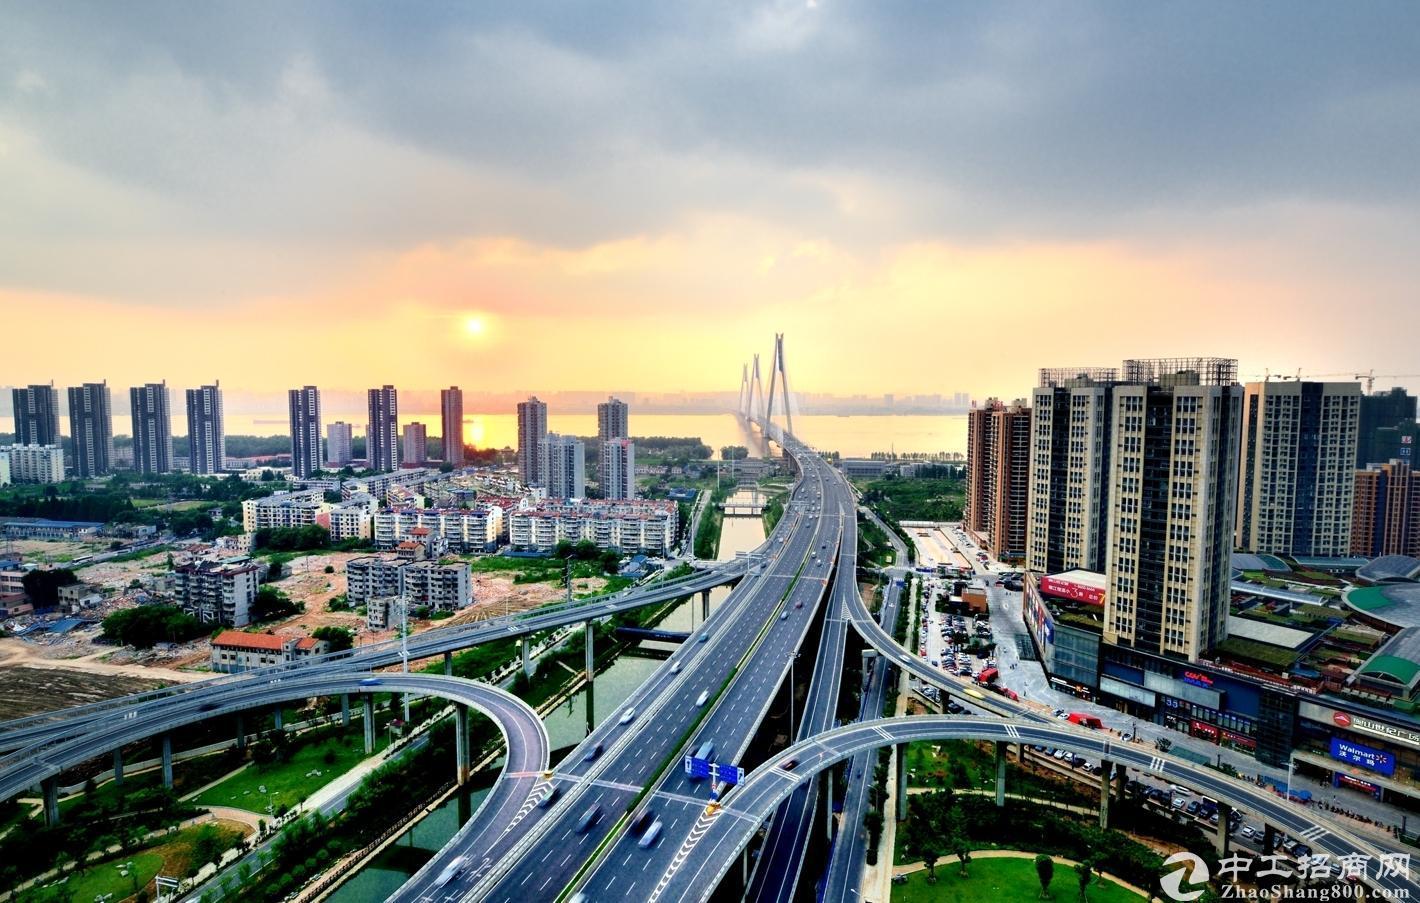 武汉未来发展潜力如何?专家这样说